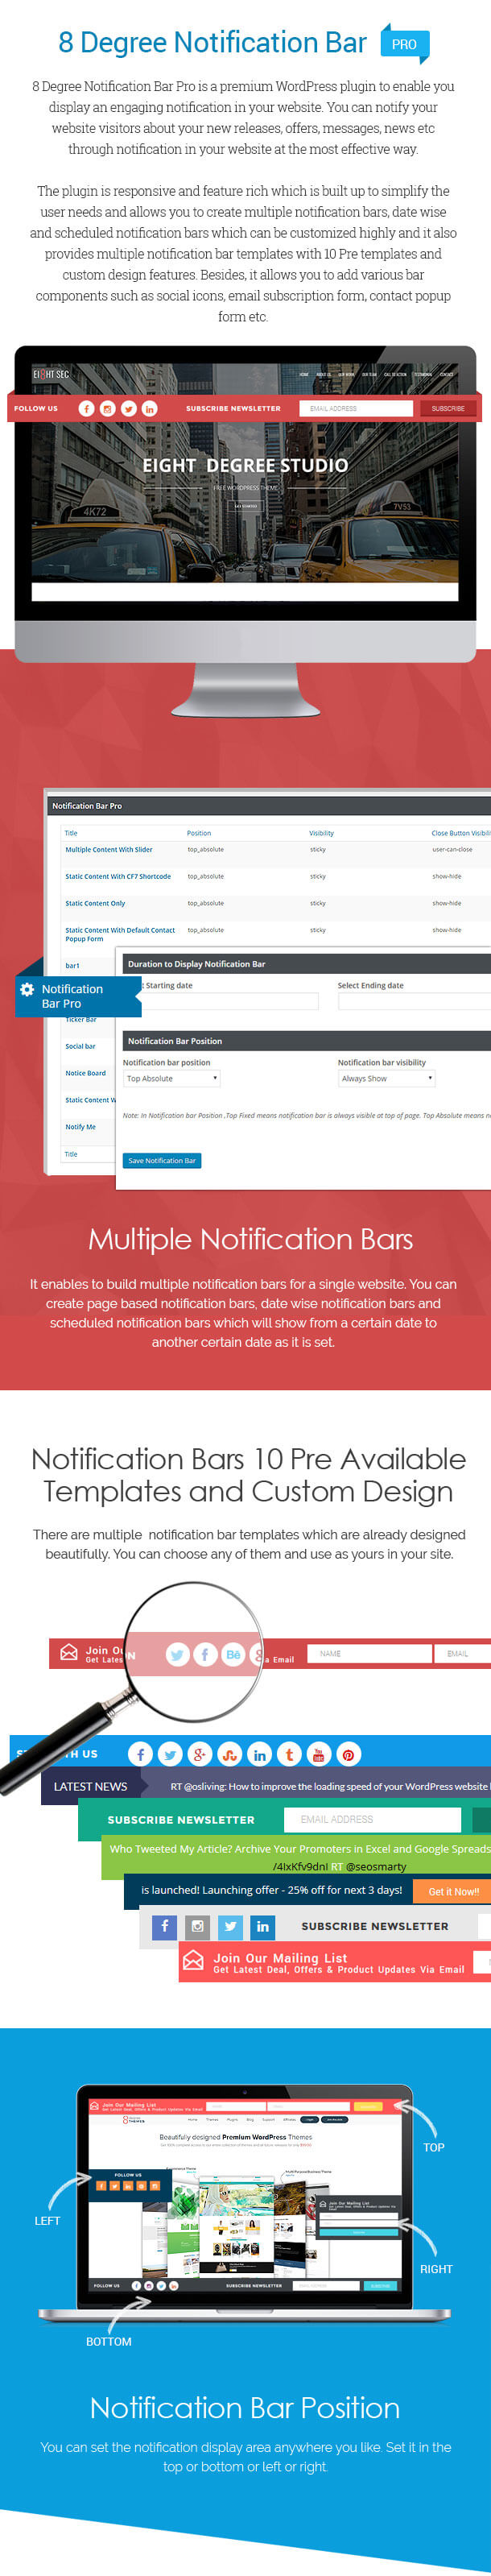 8Degree Notification Bar PRO - Premium Notification Bar Plugin